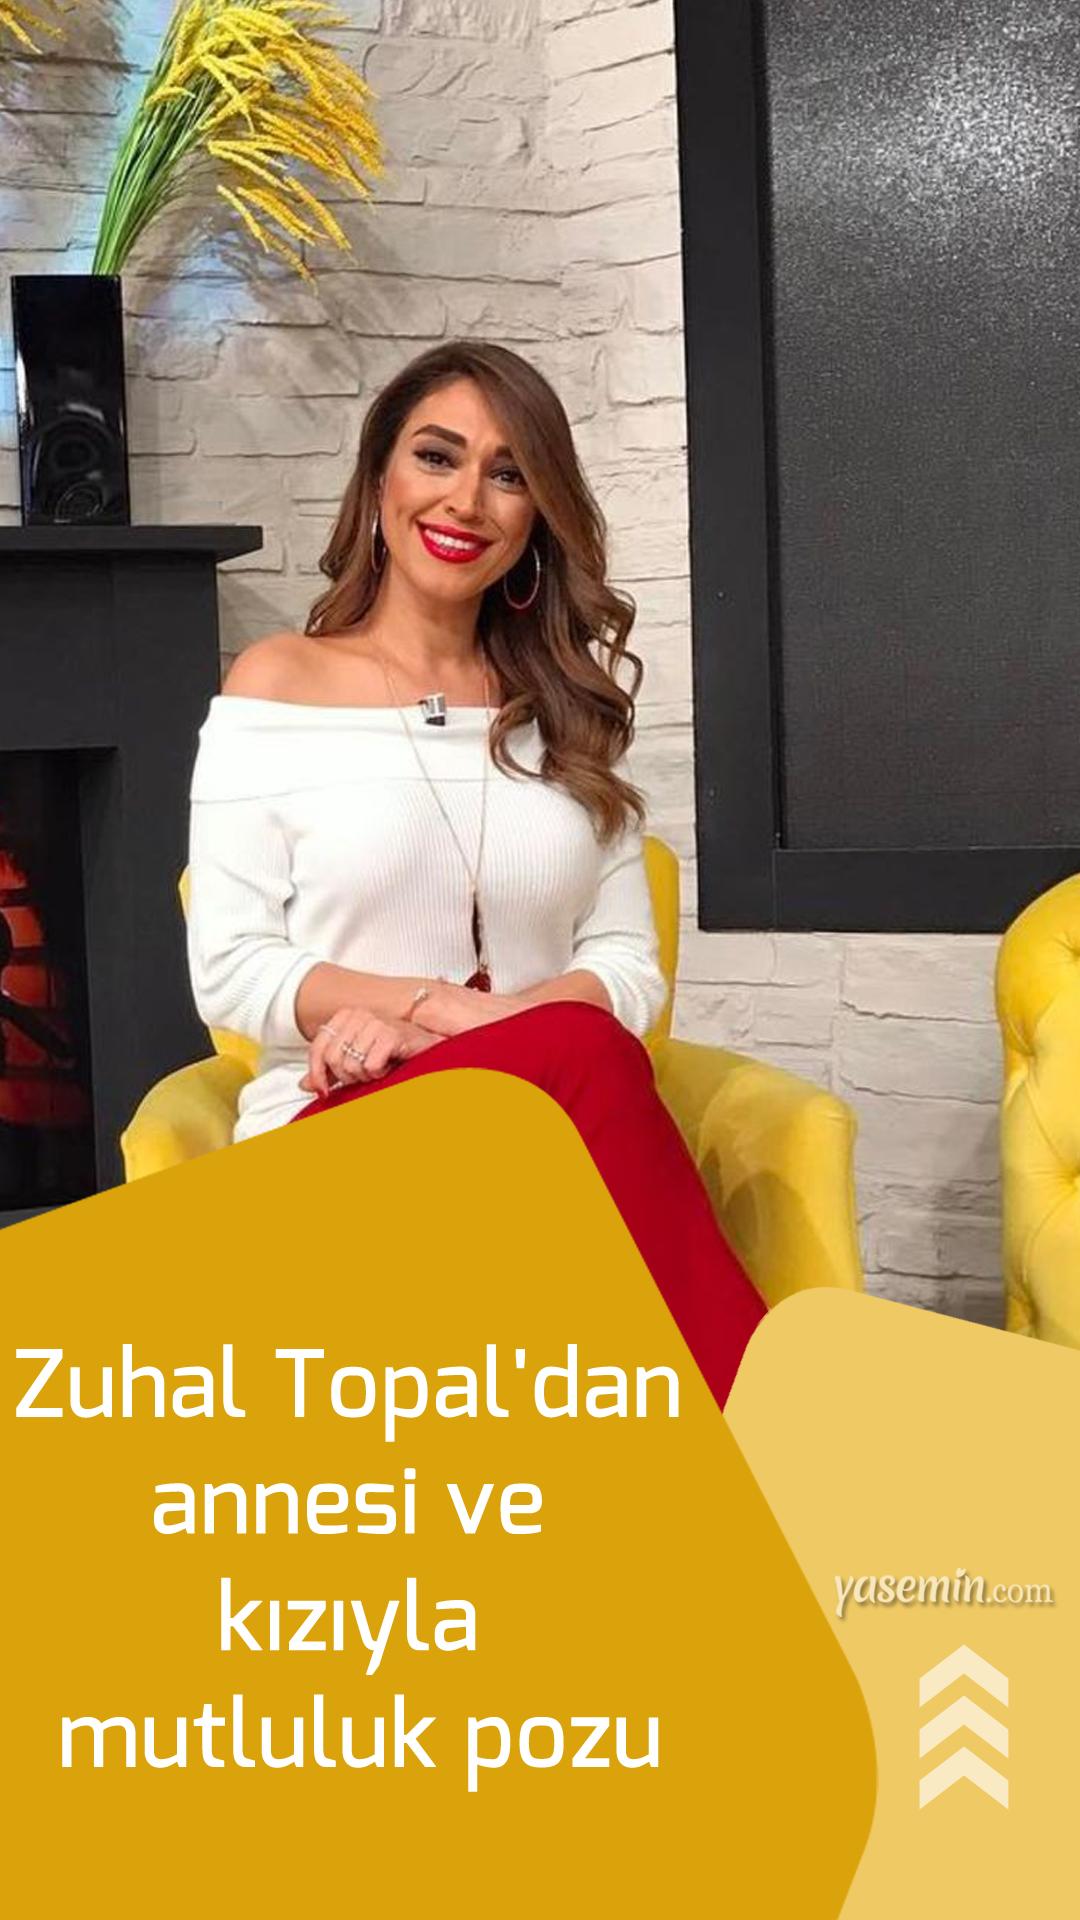 Zuhal Topal Dan Annesi Ve Kiziyla Mutluluk Pozu Kizlar Unluler Instagram